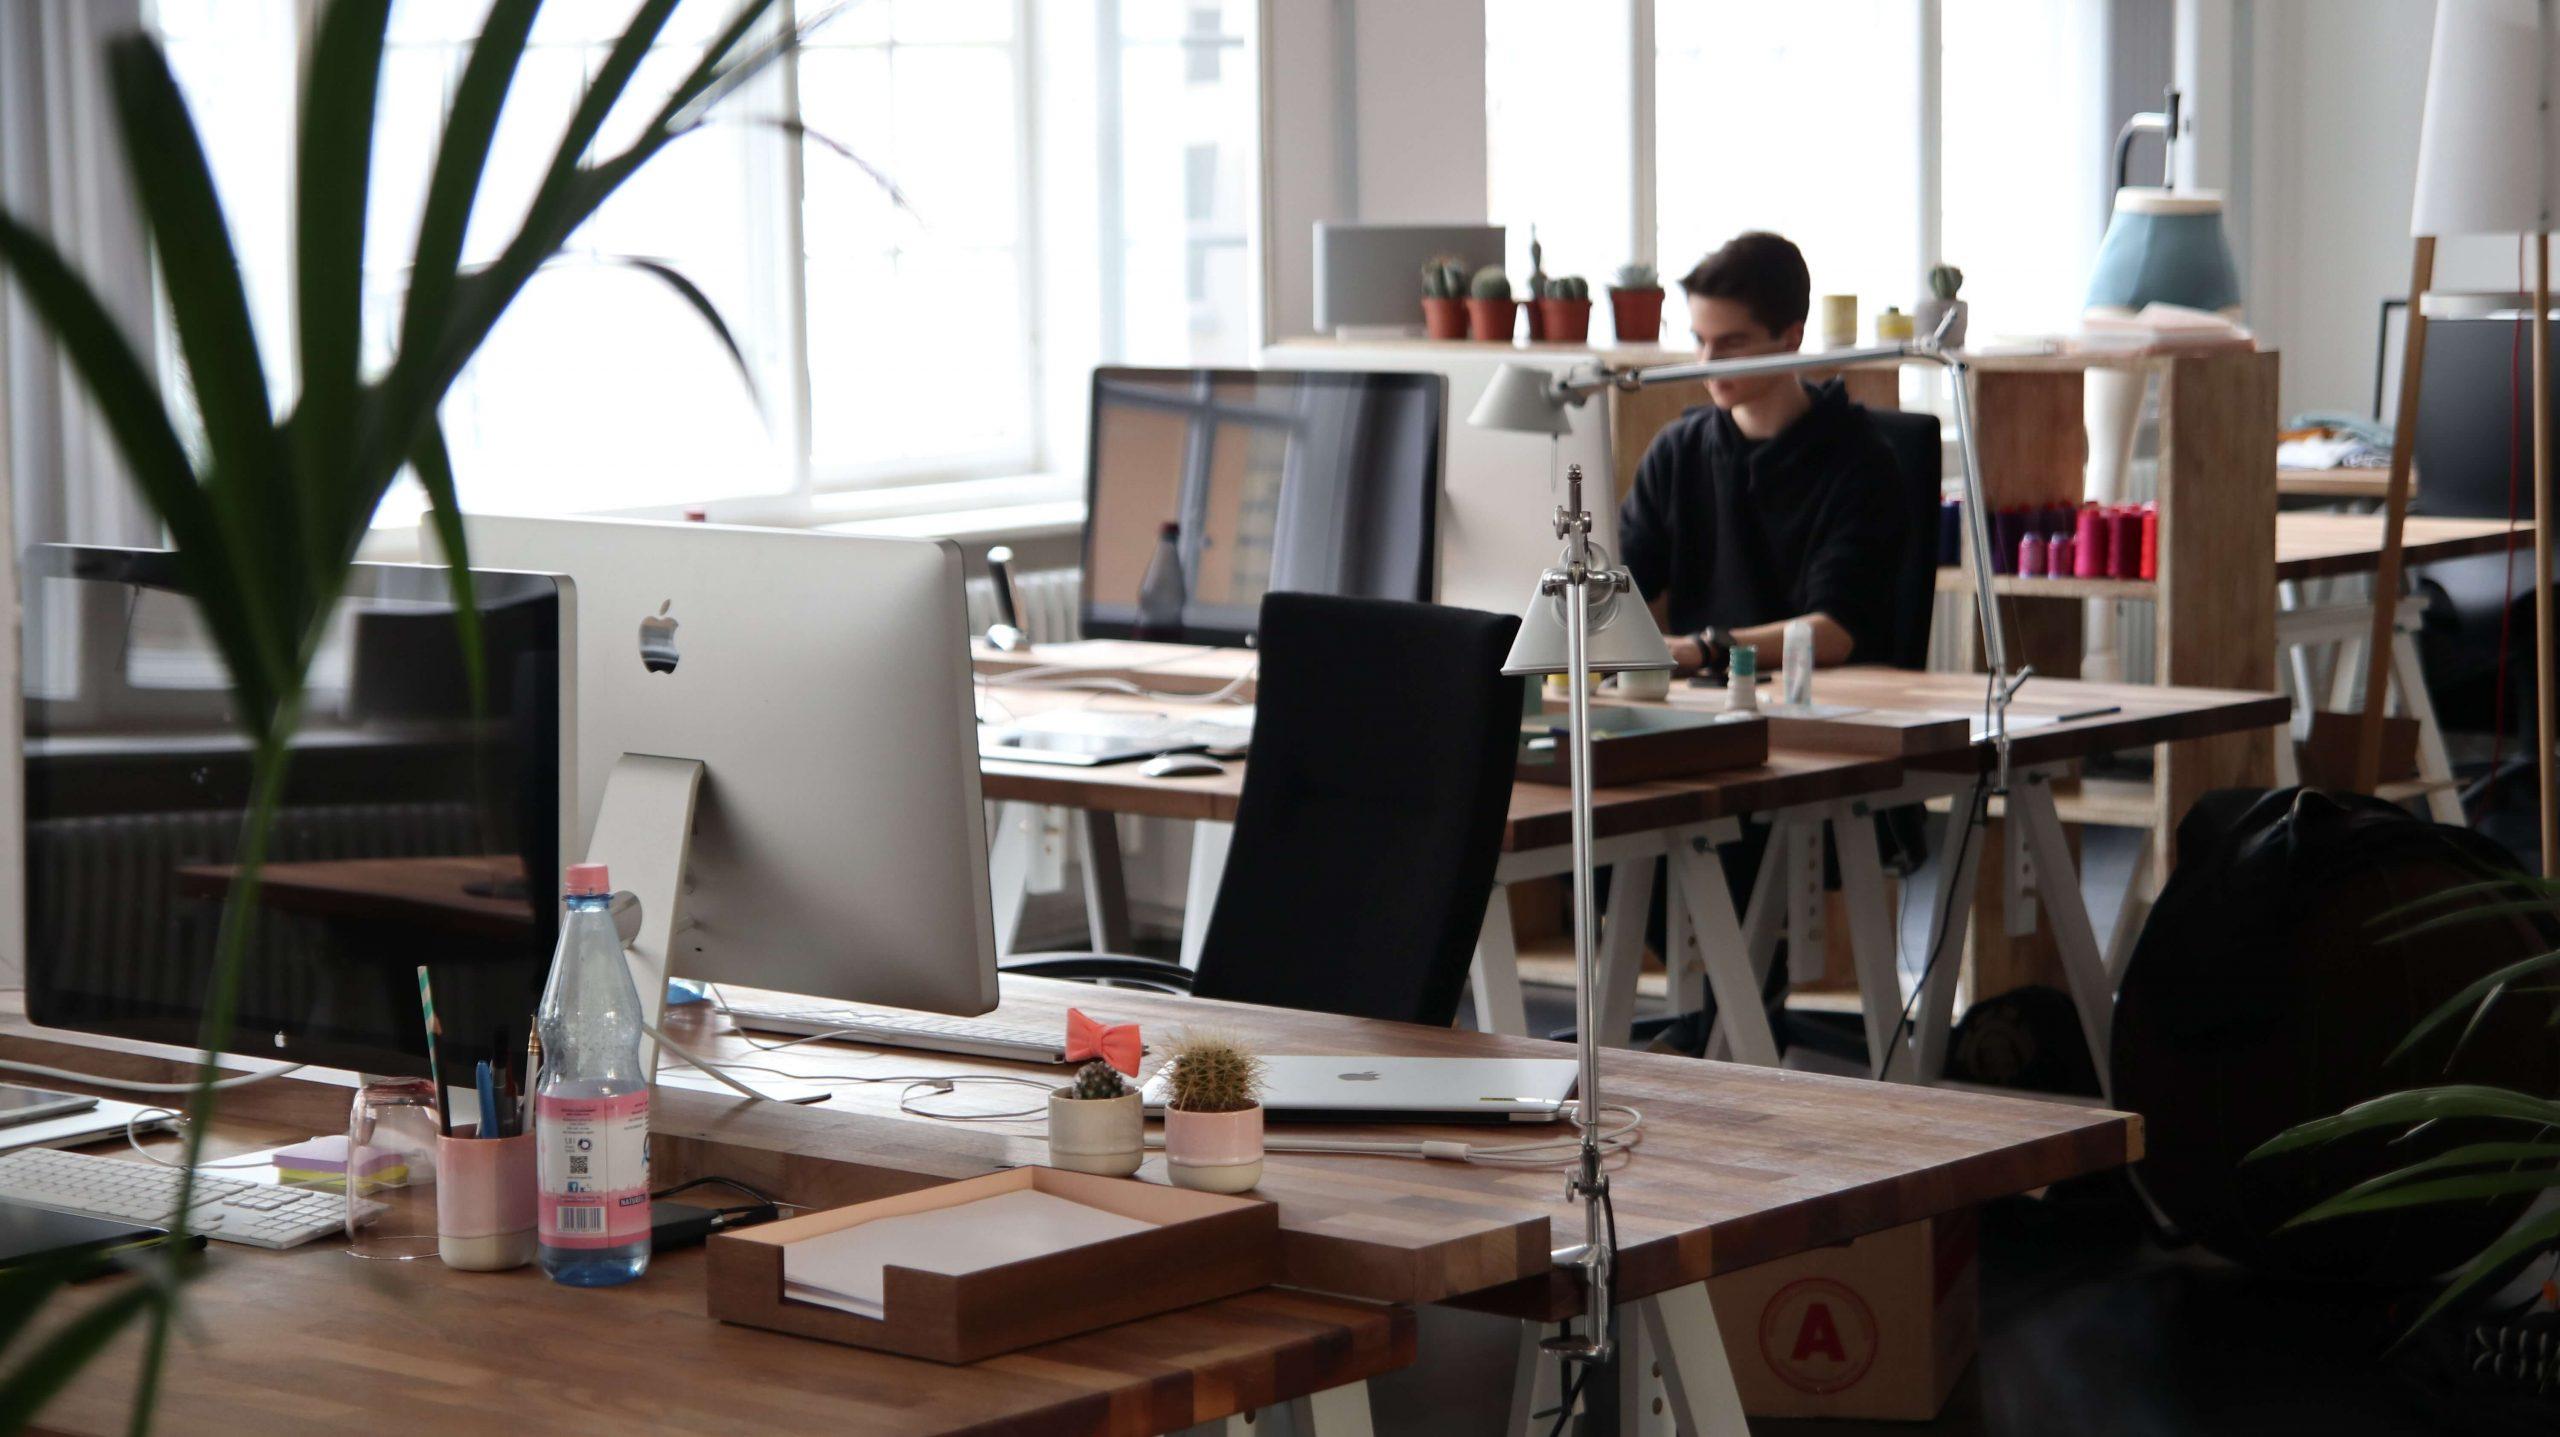 Les espaces de travail partagés : pour et contre